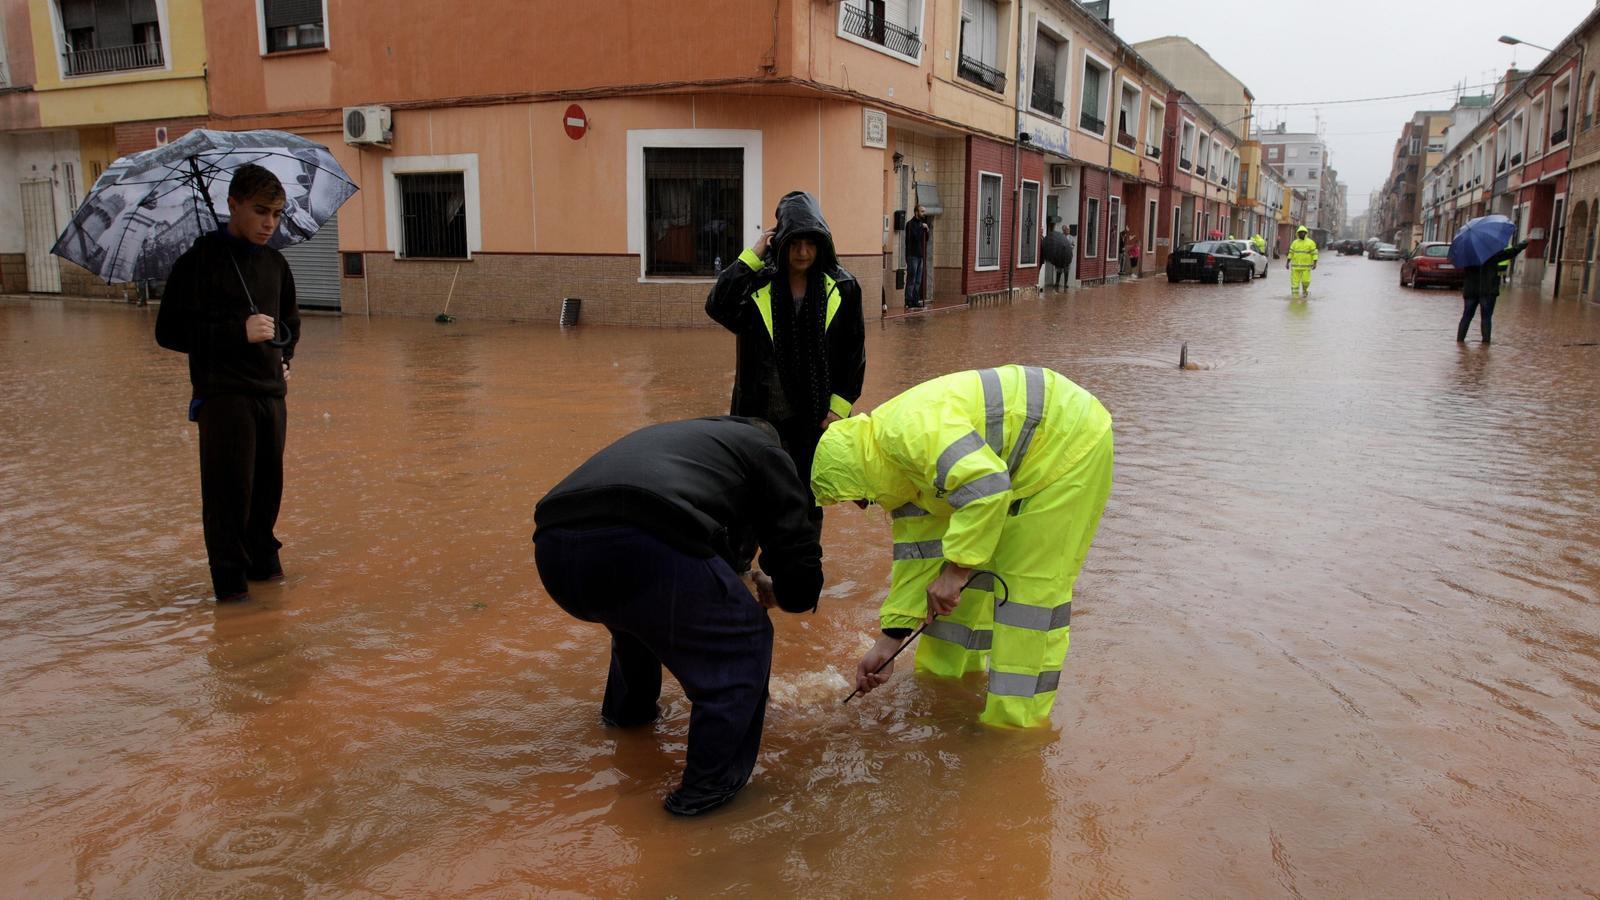 El barri de les Basses de la localitat valenciana d'Alzira, un dels més afectats per les pluges fortes